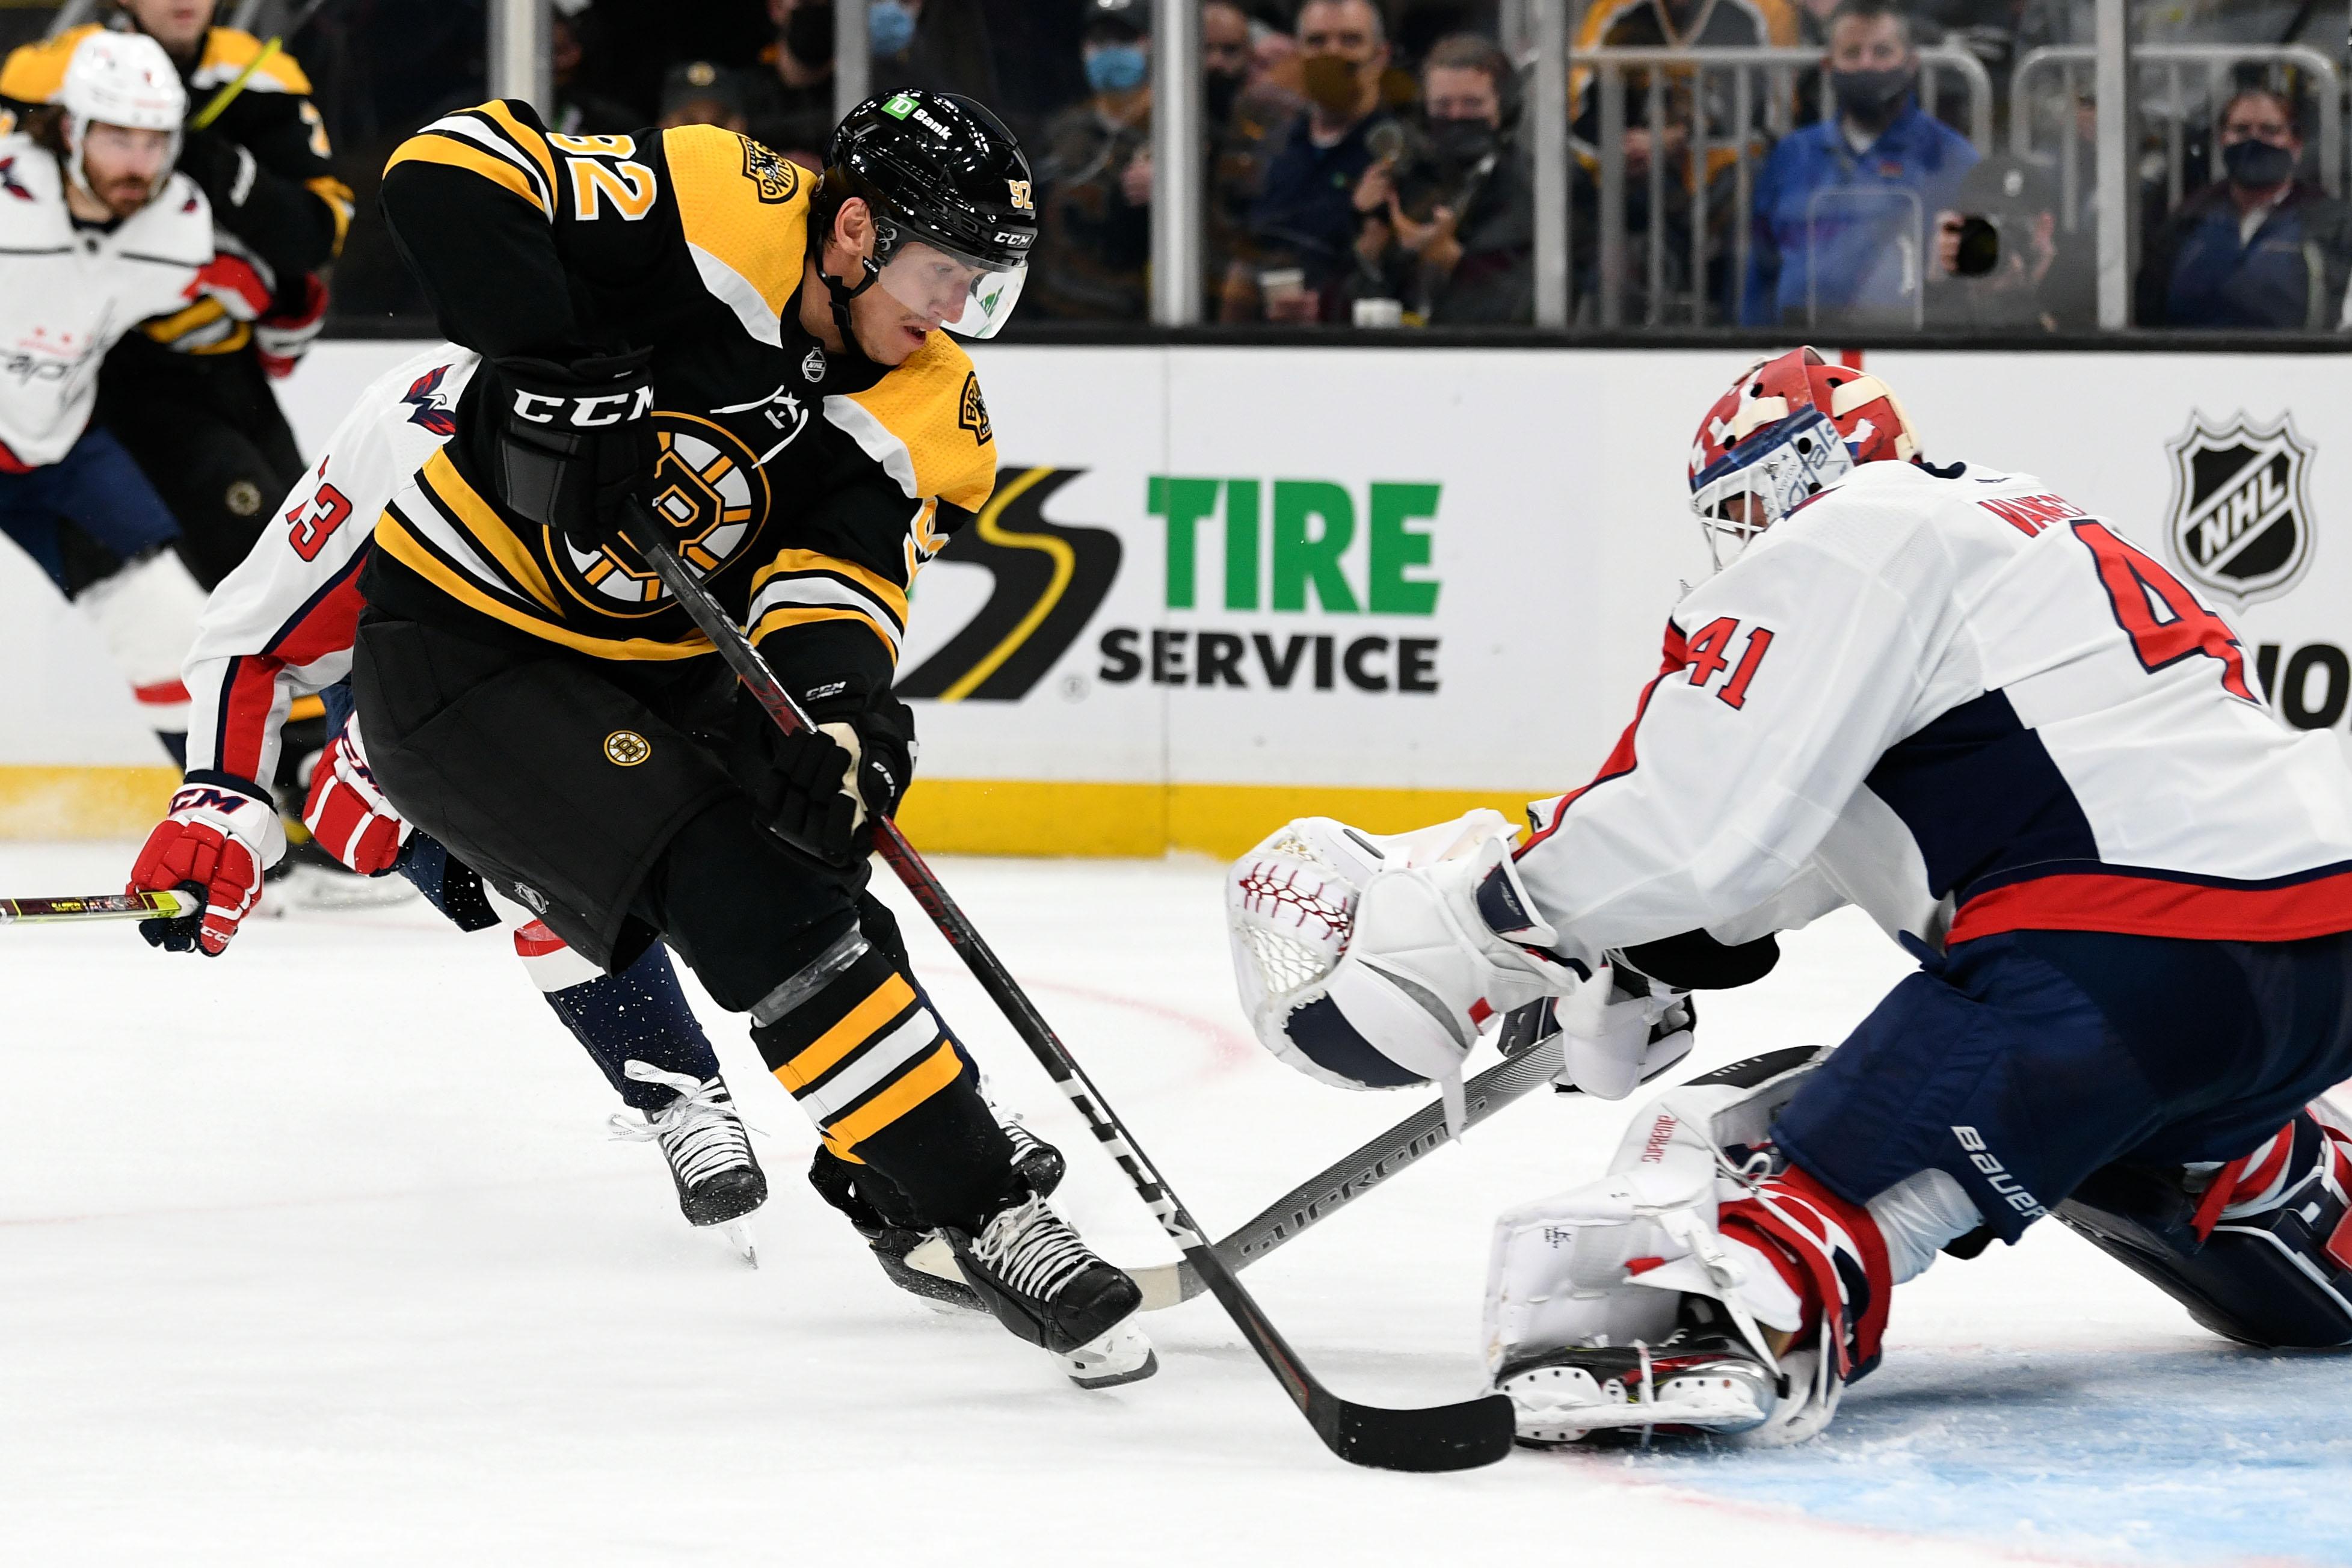 NHL: Preseason-Washington Capitals at Boston Bruins